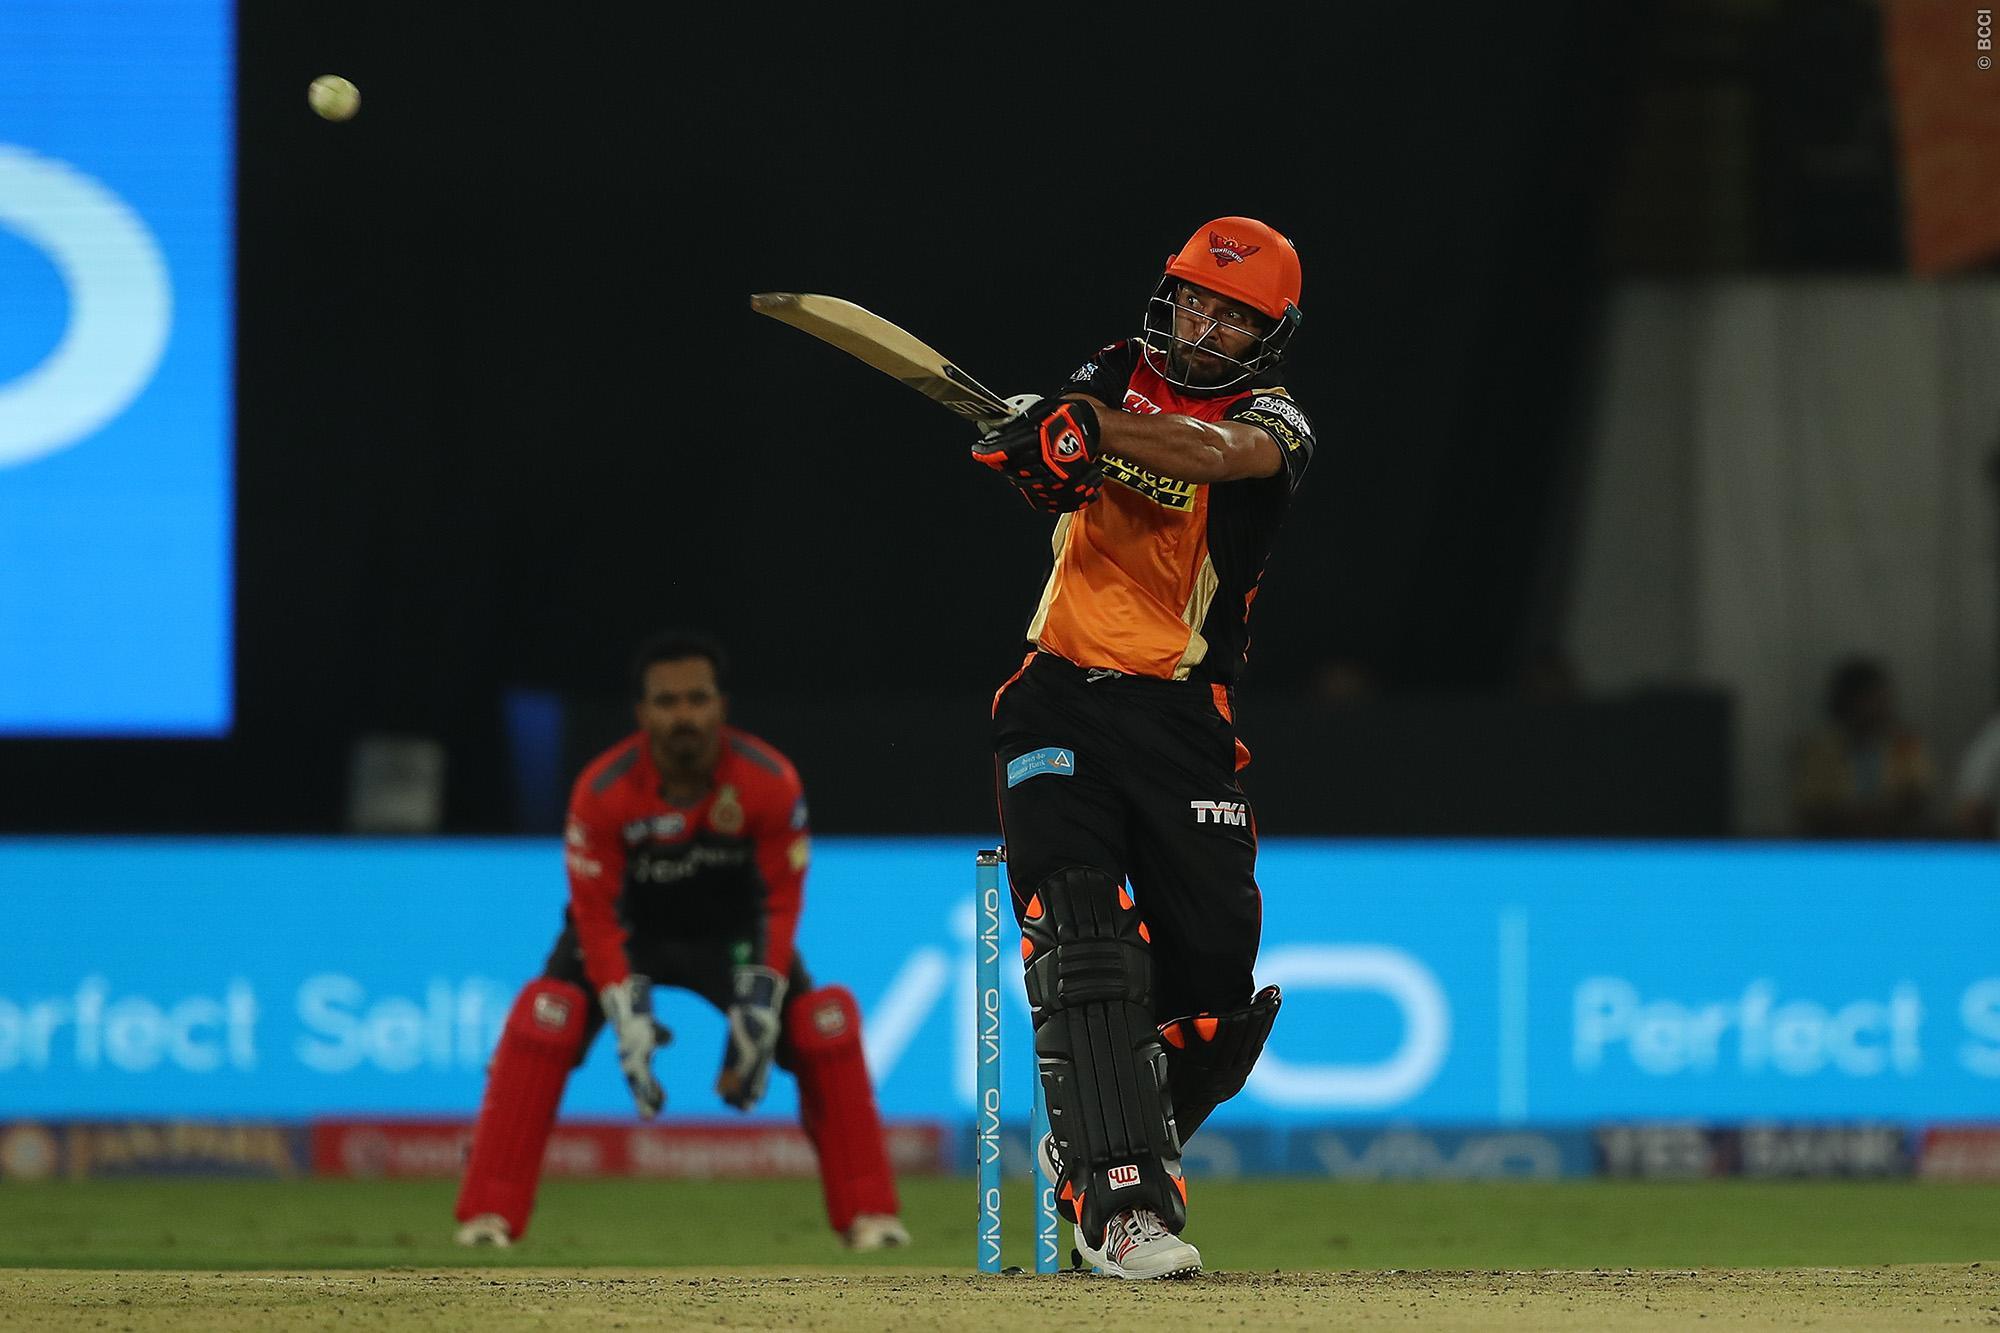 विडियो: आईपीएल के पहले ही मैच मे युवराज सिंह ने खेली आतिशी पारी मात्र 27 गेंदों में बना डाले 62 रन